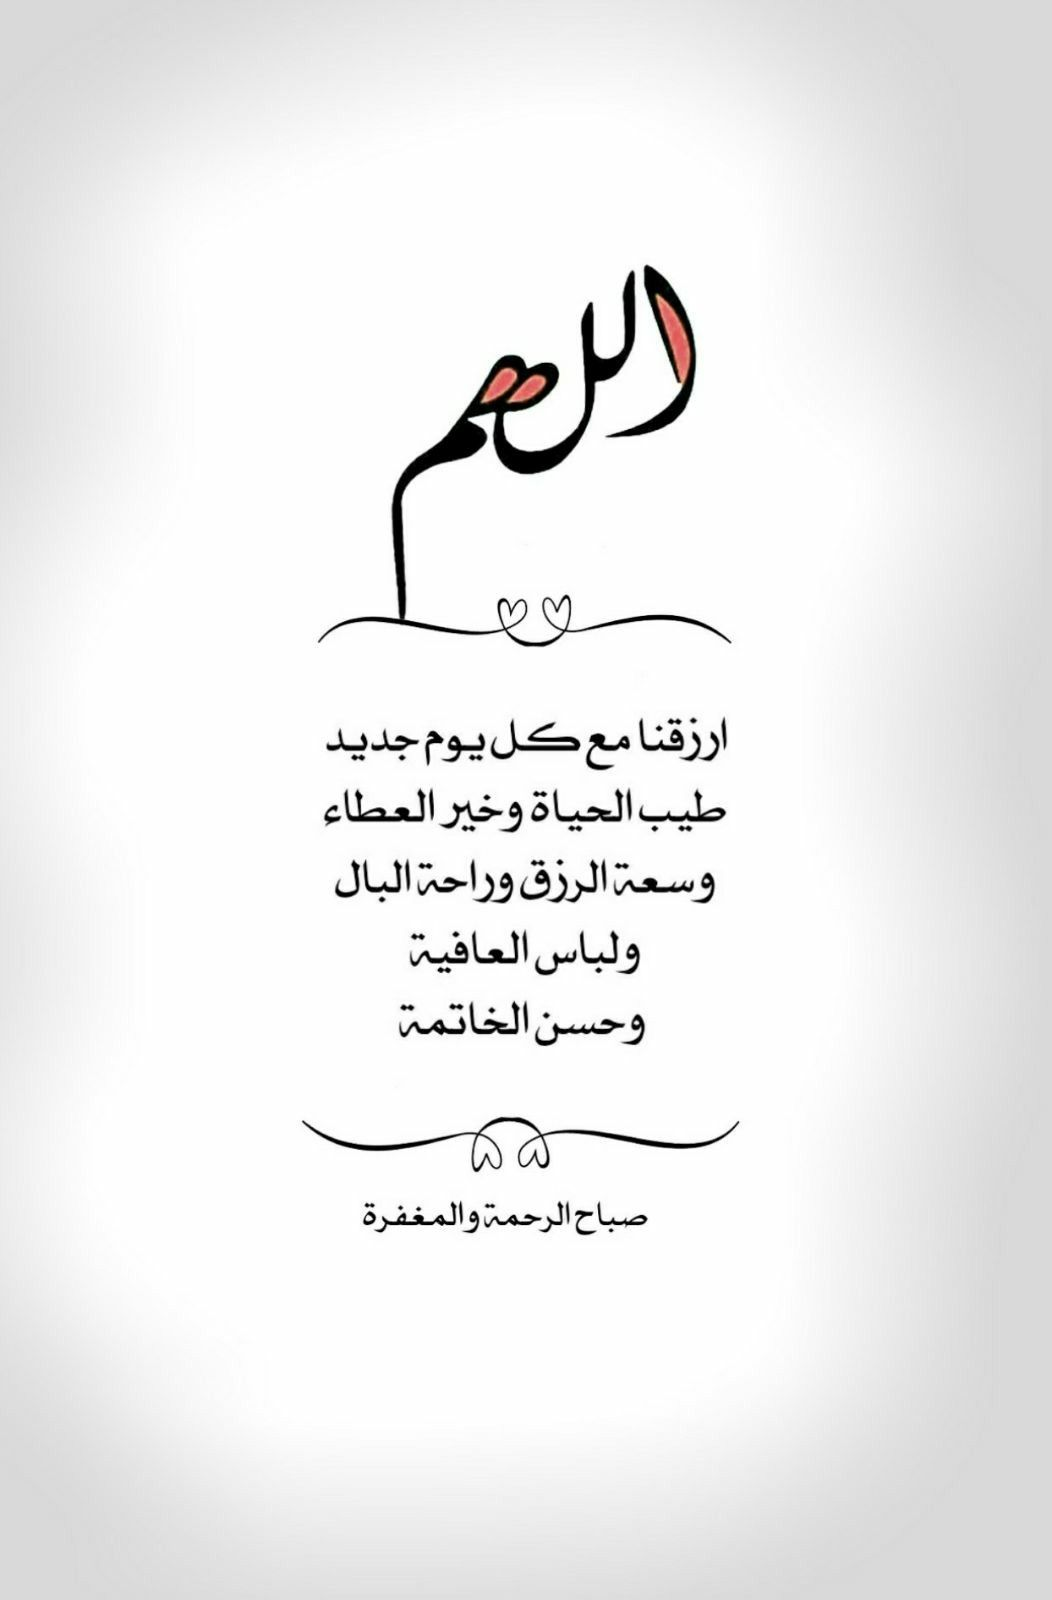 إن ﺍﻟﻠ ﻪ ﻻ ﻳﺨﺬﻝ ﻣ ﻦ ﺁﻣﻦ ﺑﮧ ﻭ ﺃ ﺣﺴﻦ ﺍﻟﻈ ﻦ ﺑﺮ ﺣﻤﺘﻪ الله م أحسن ظننا في النا س وأحس ظن الناس فينا Quran Quotes Love Morning Words Morning Quotes